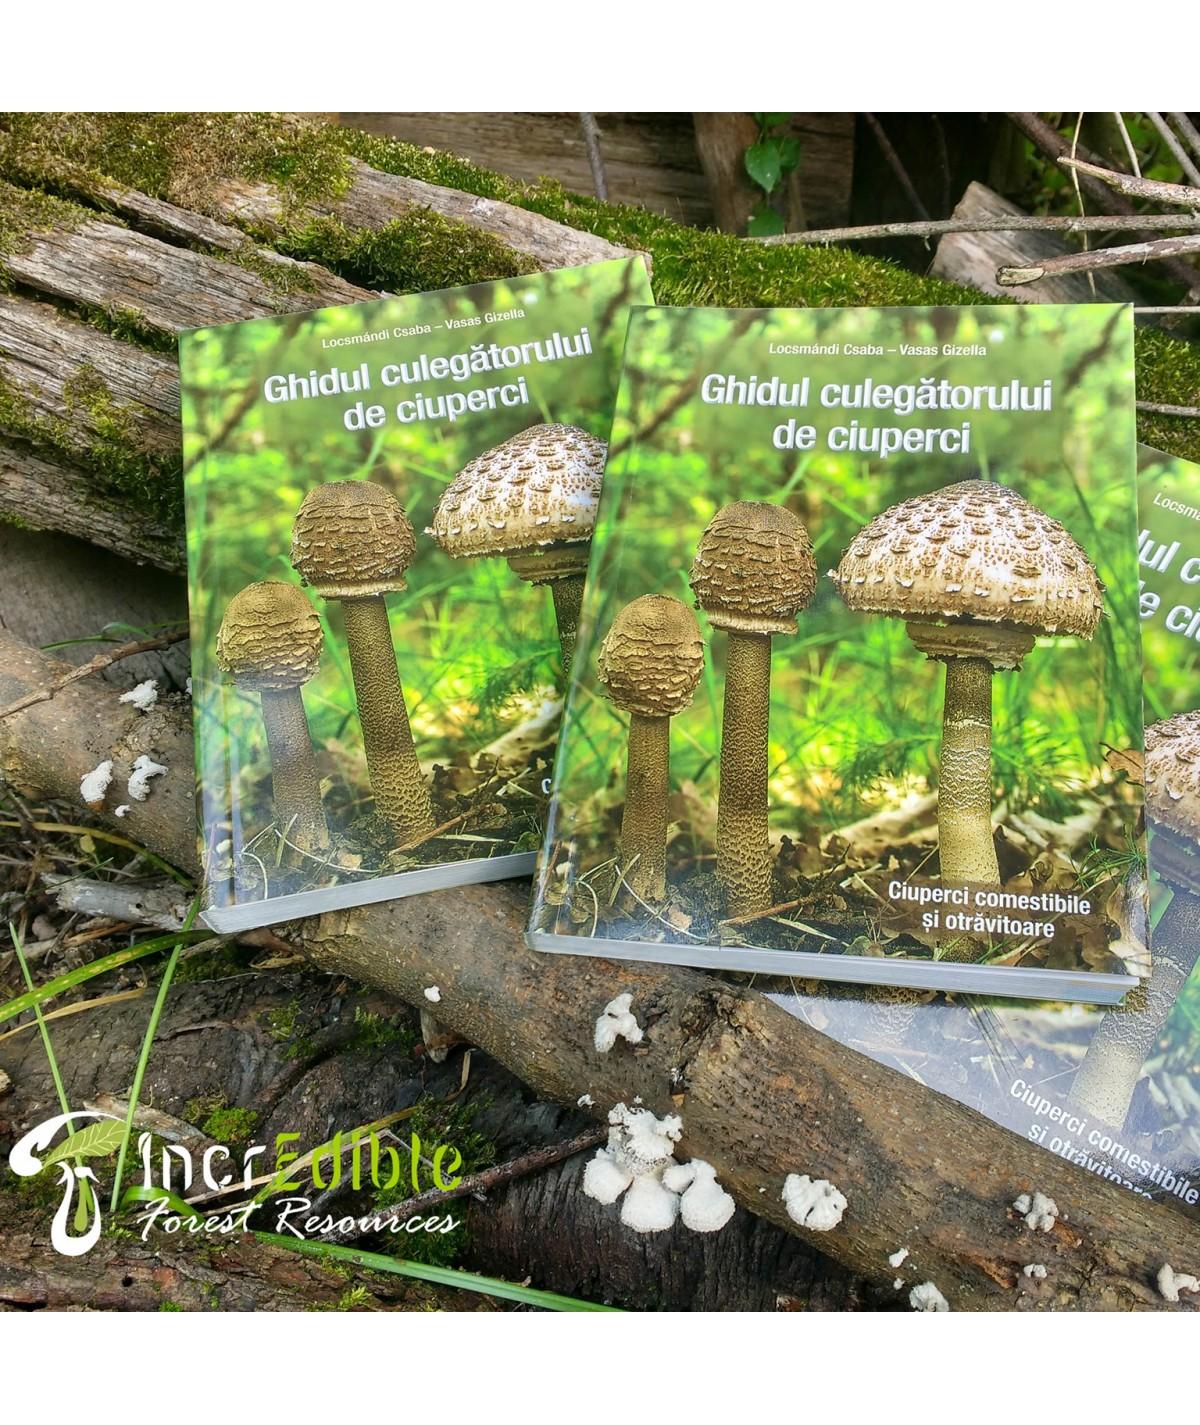 Ghidul culegatorului de ciuperci - o carte ce prezinta cele mai importante specii de ciuperci